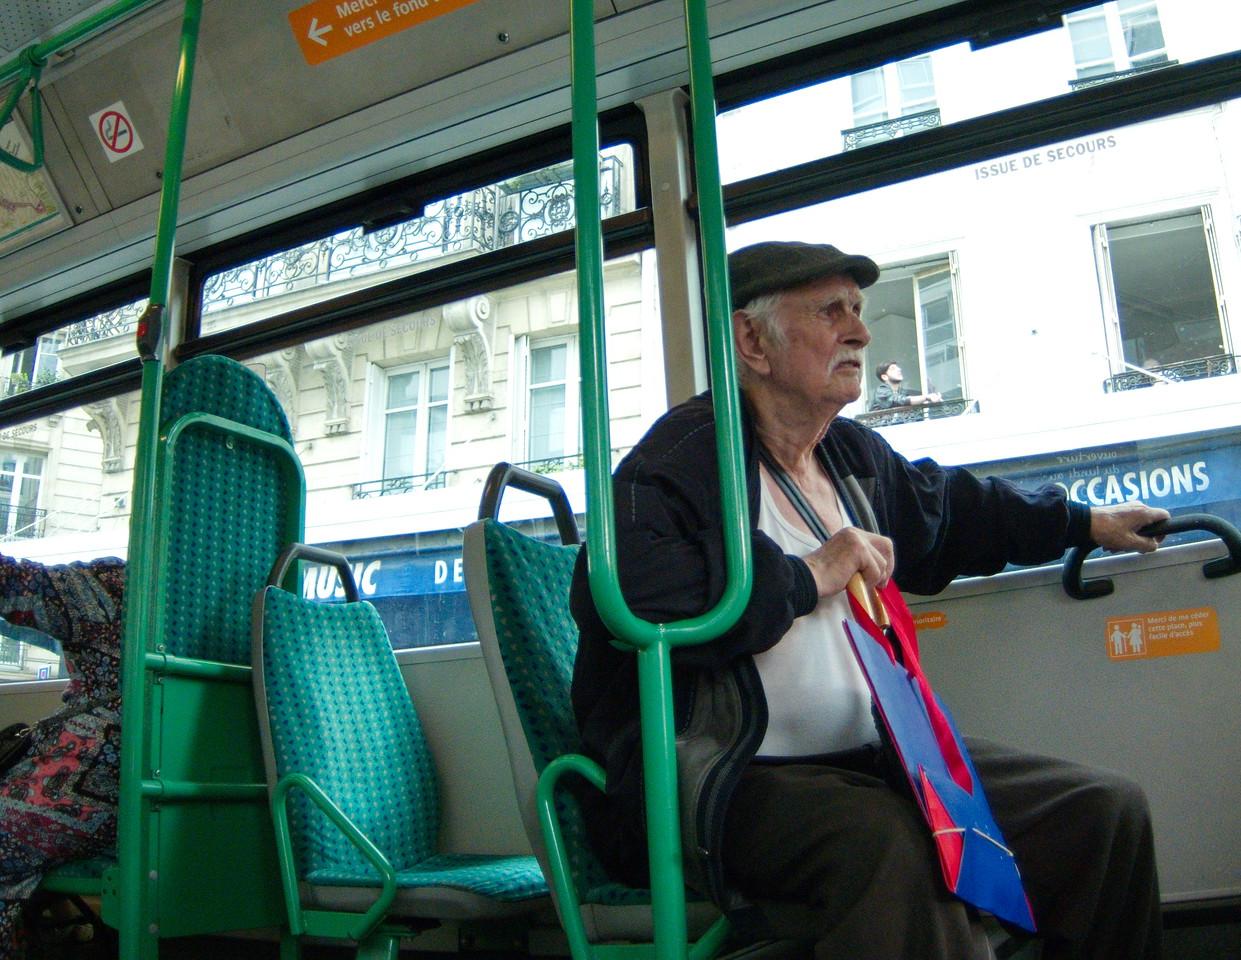 local bus rider